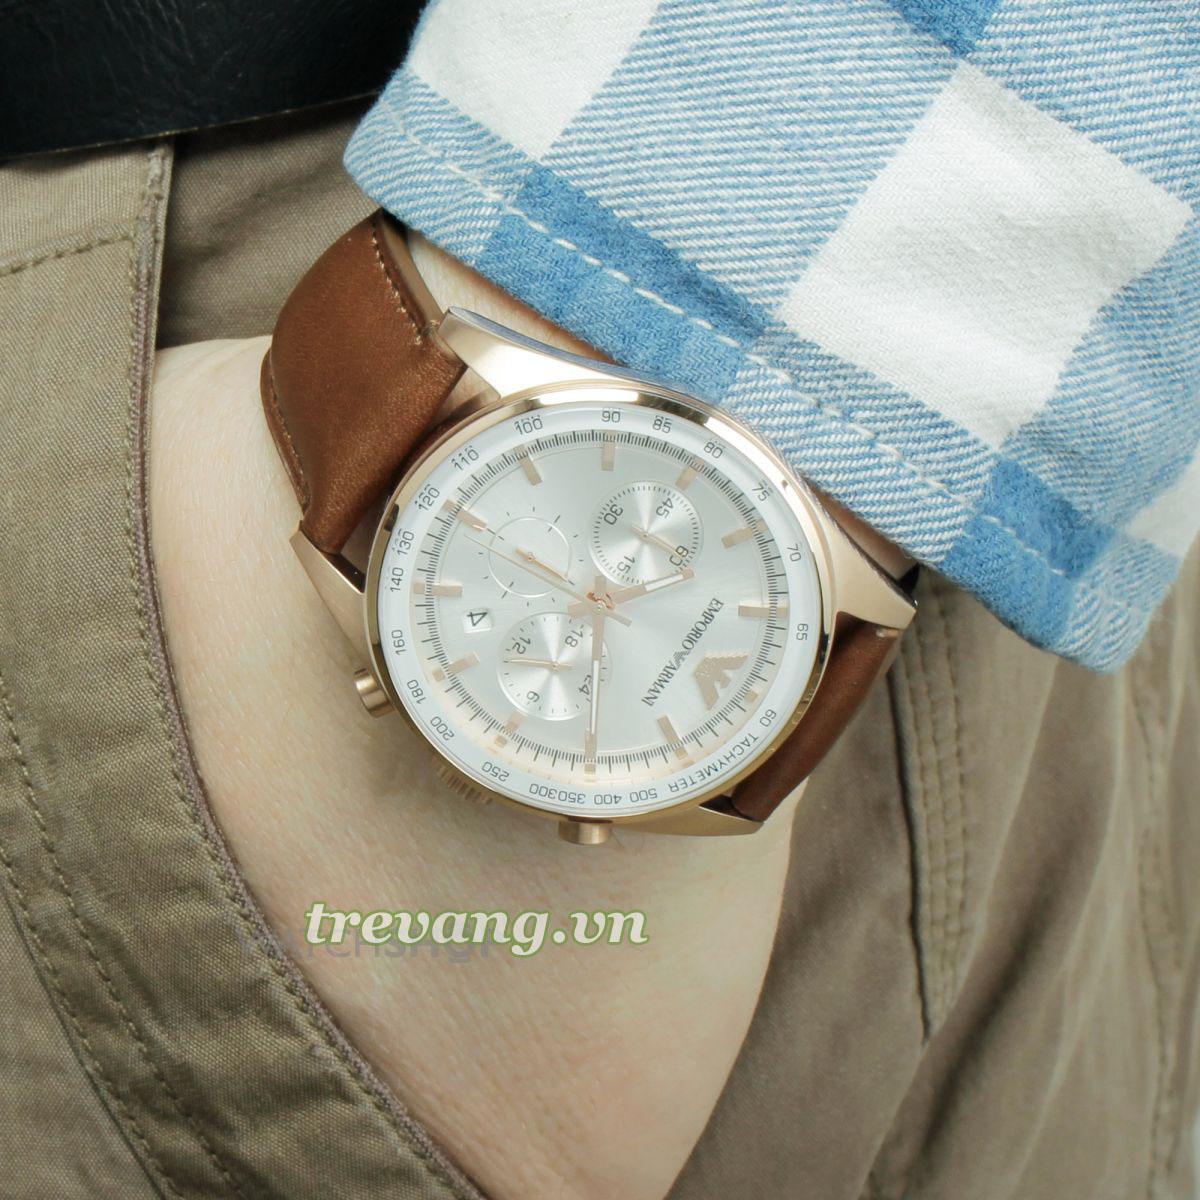 Đồng hồ nam chính hãng ARMANI AR5995 trên tay mẫu ảnh ảnh